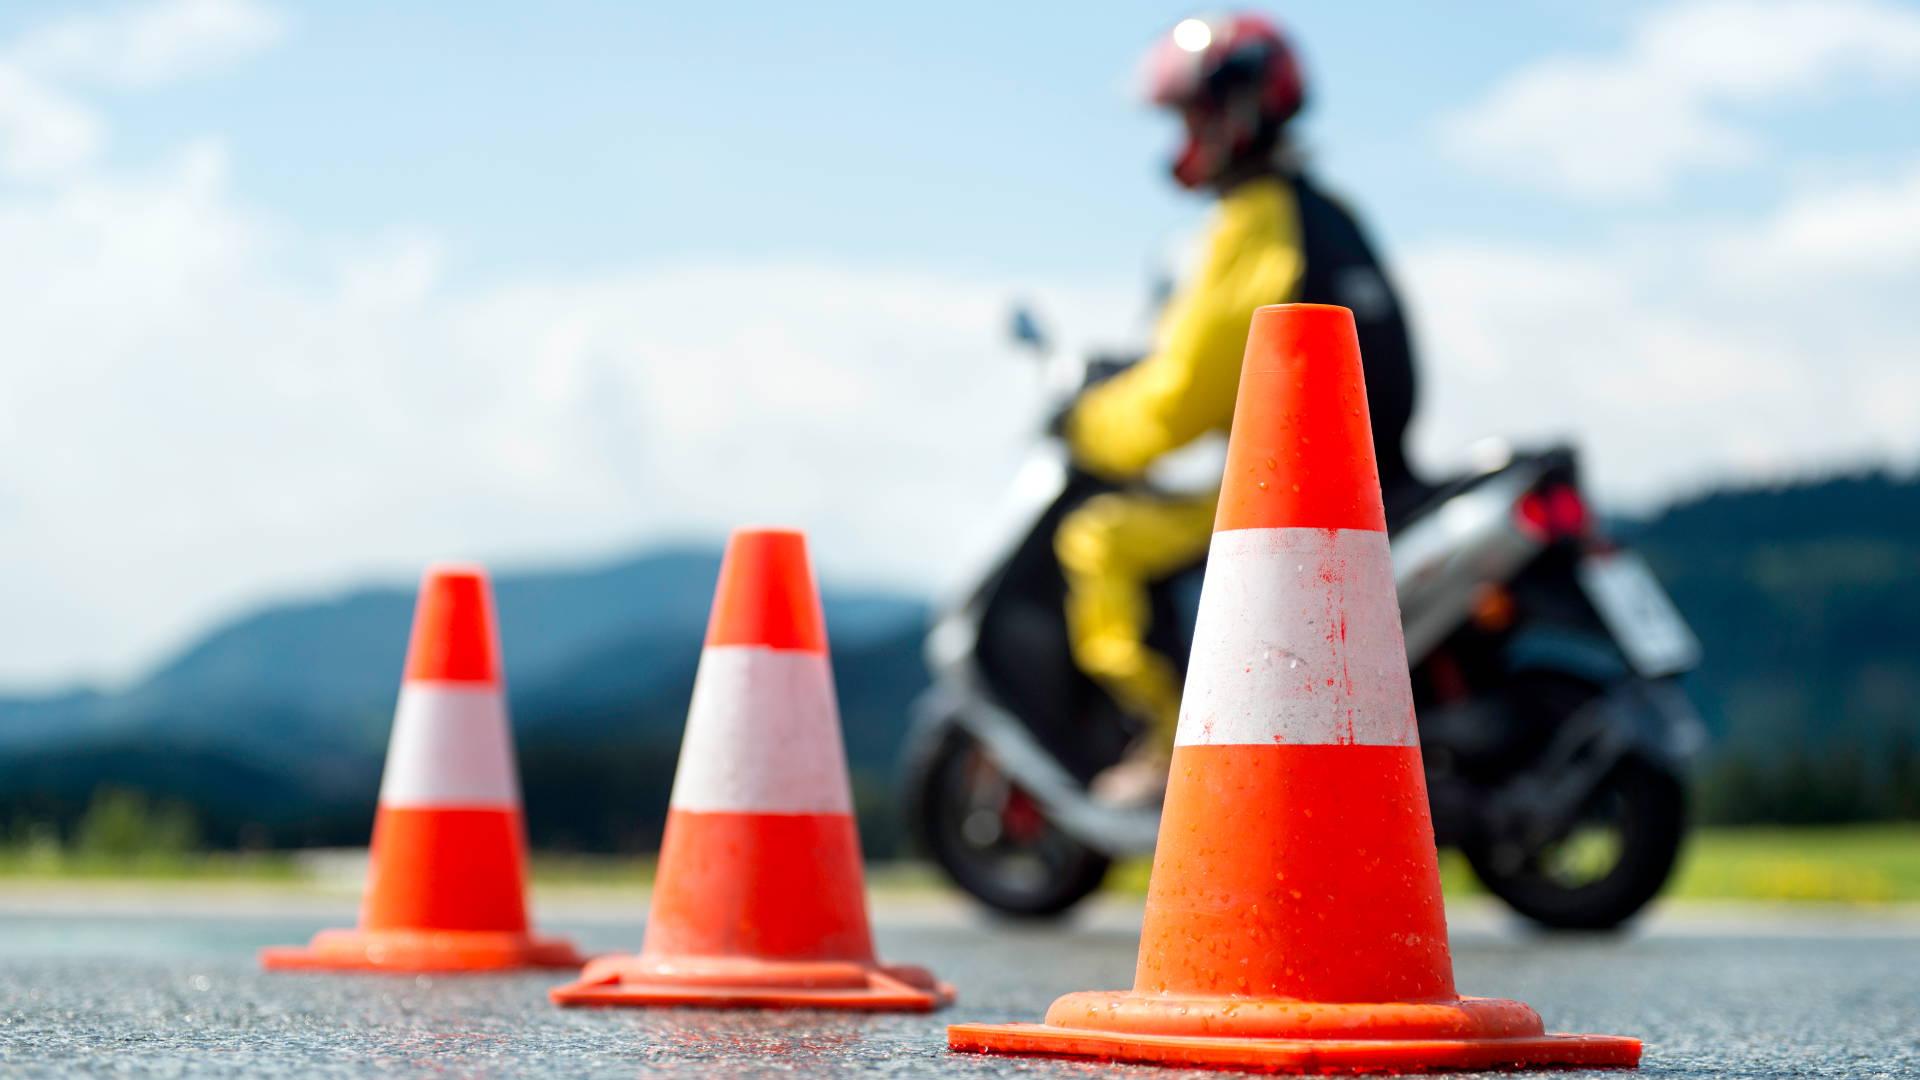 prawo jazdy na motocykl częstochowa